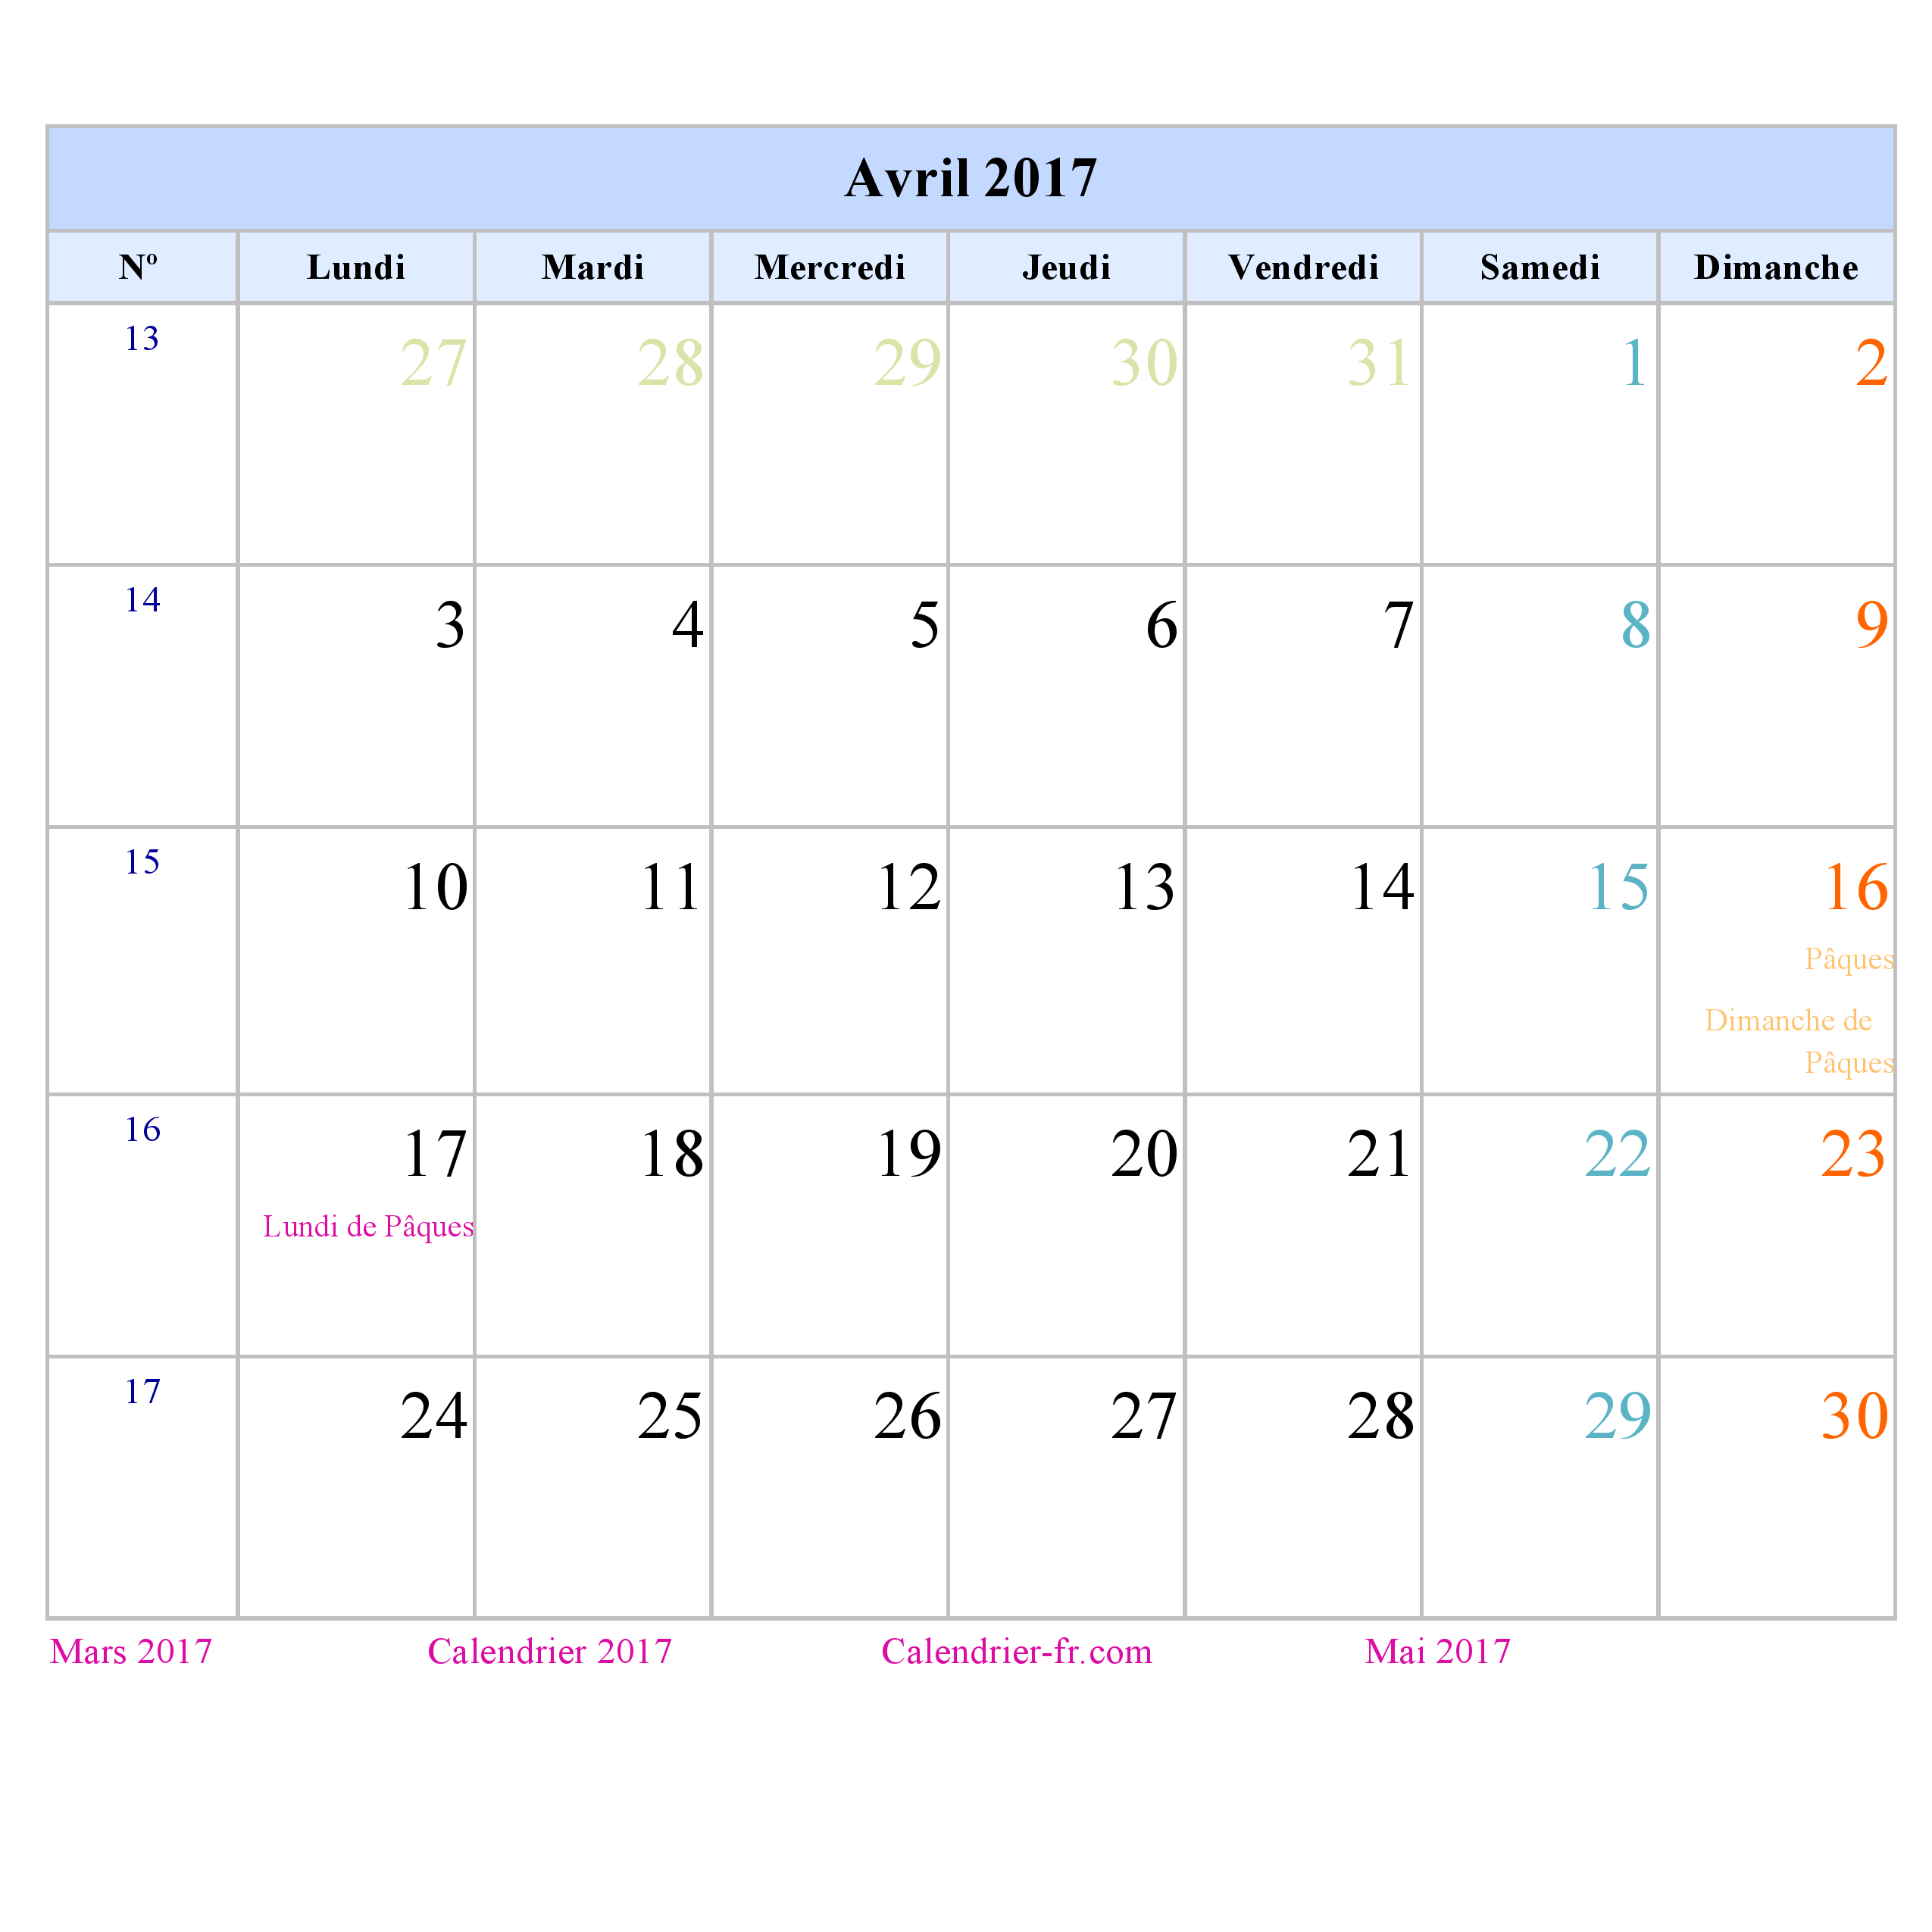 Calendrier avril 2017 imprimer gratuit en pdf et excel - Calendrier lunaire rustica avril 2017 ...